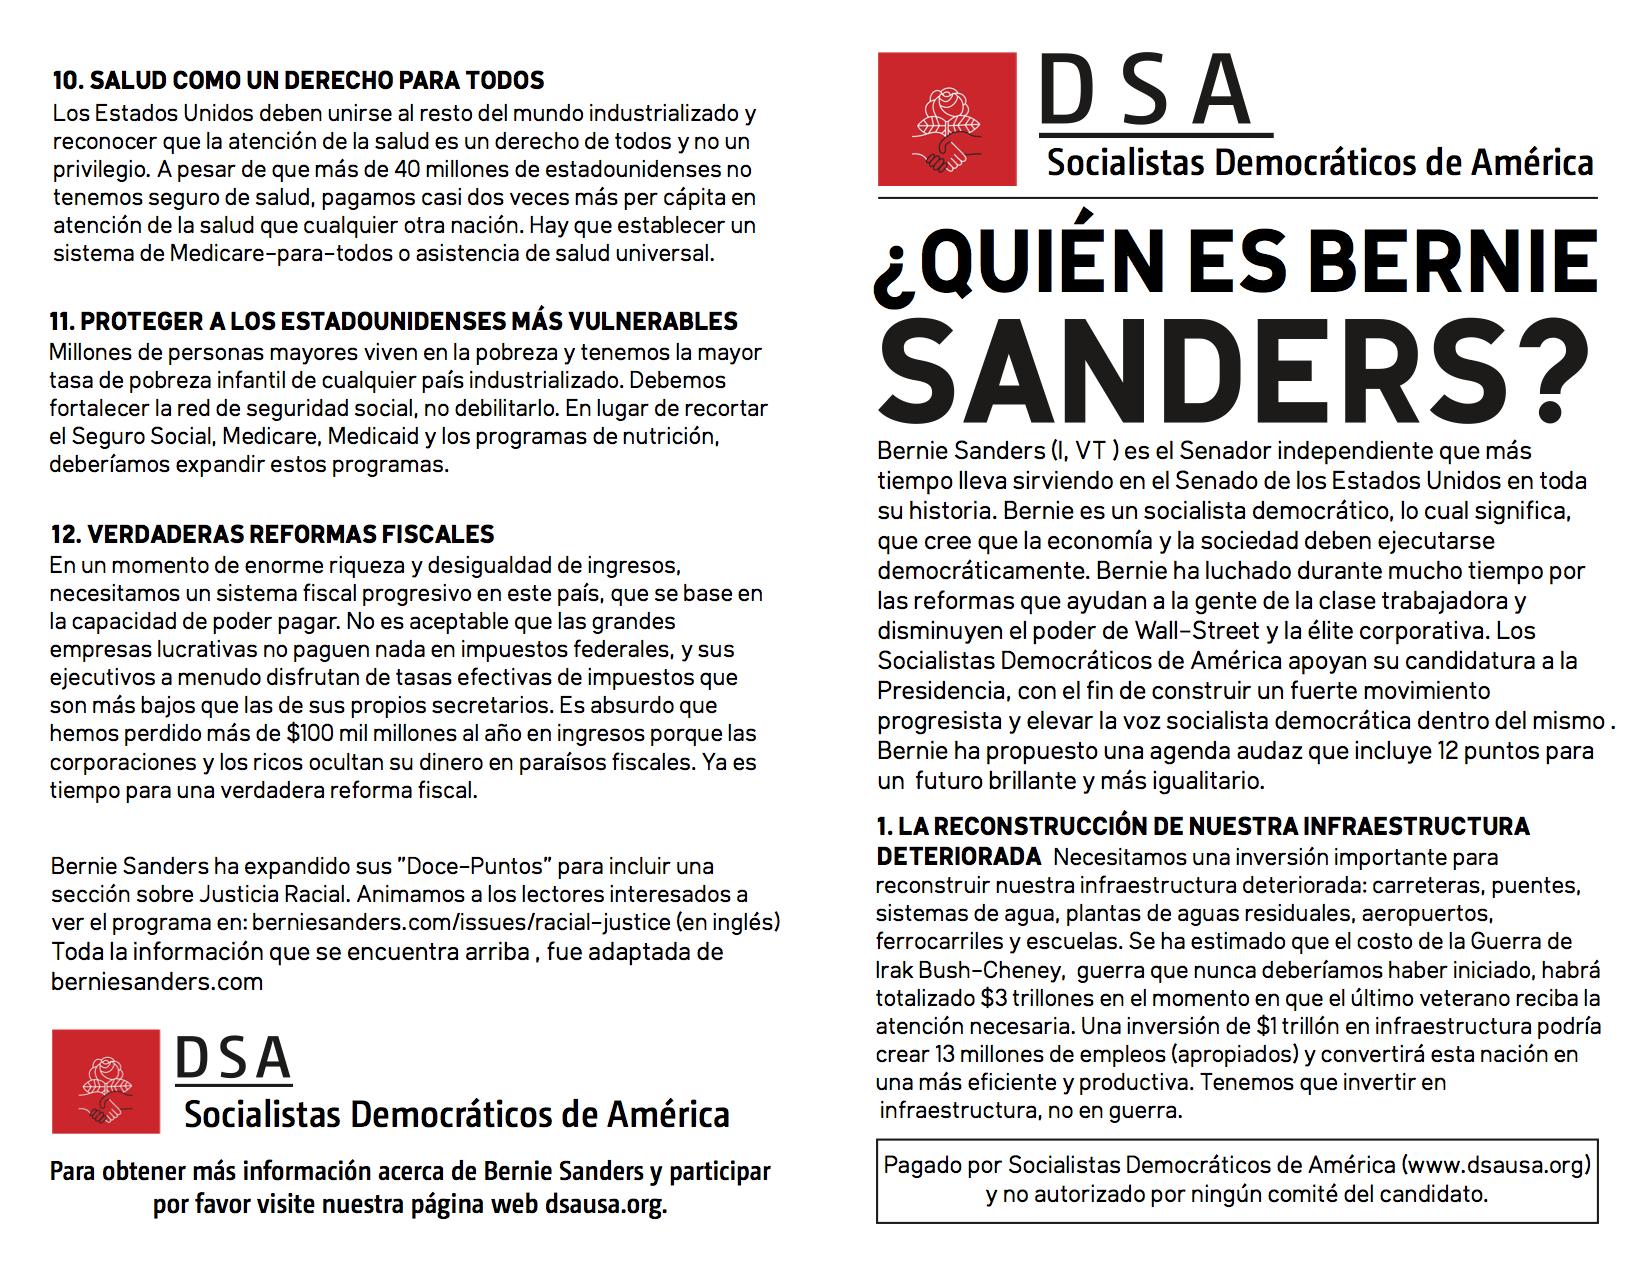 Quien_es_Bernie_Sanders.png